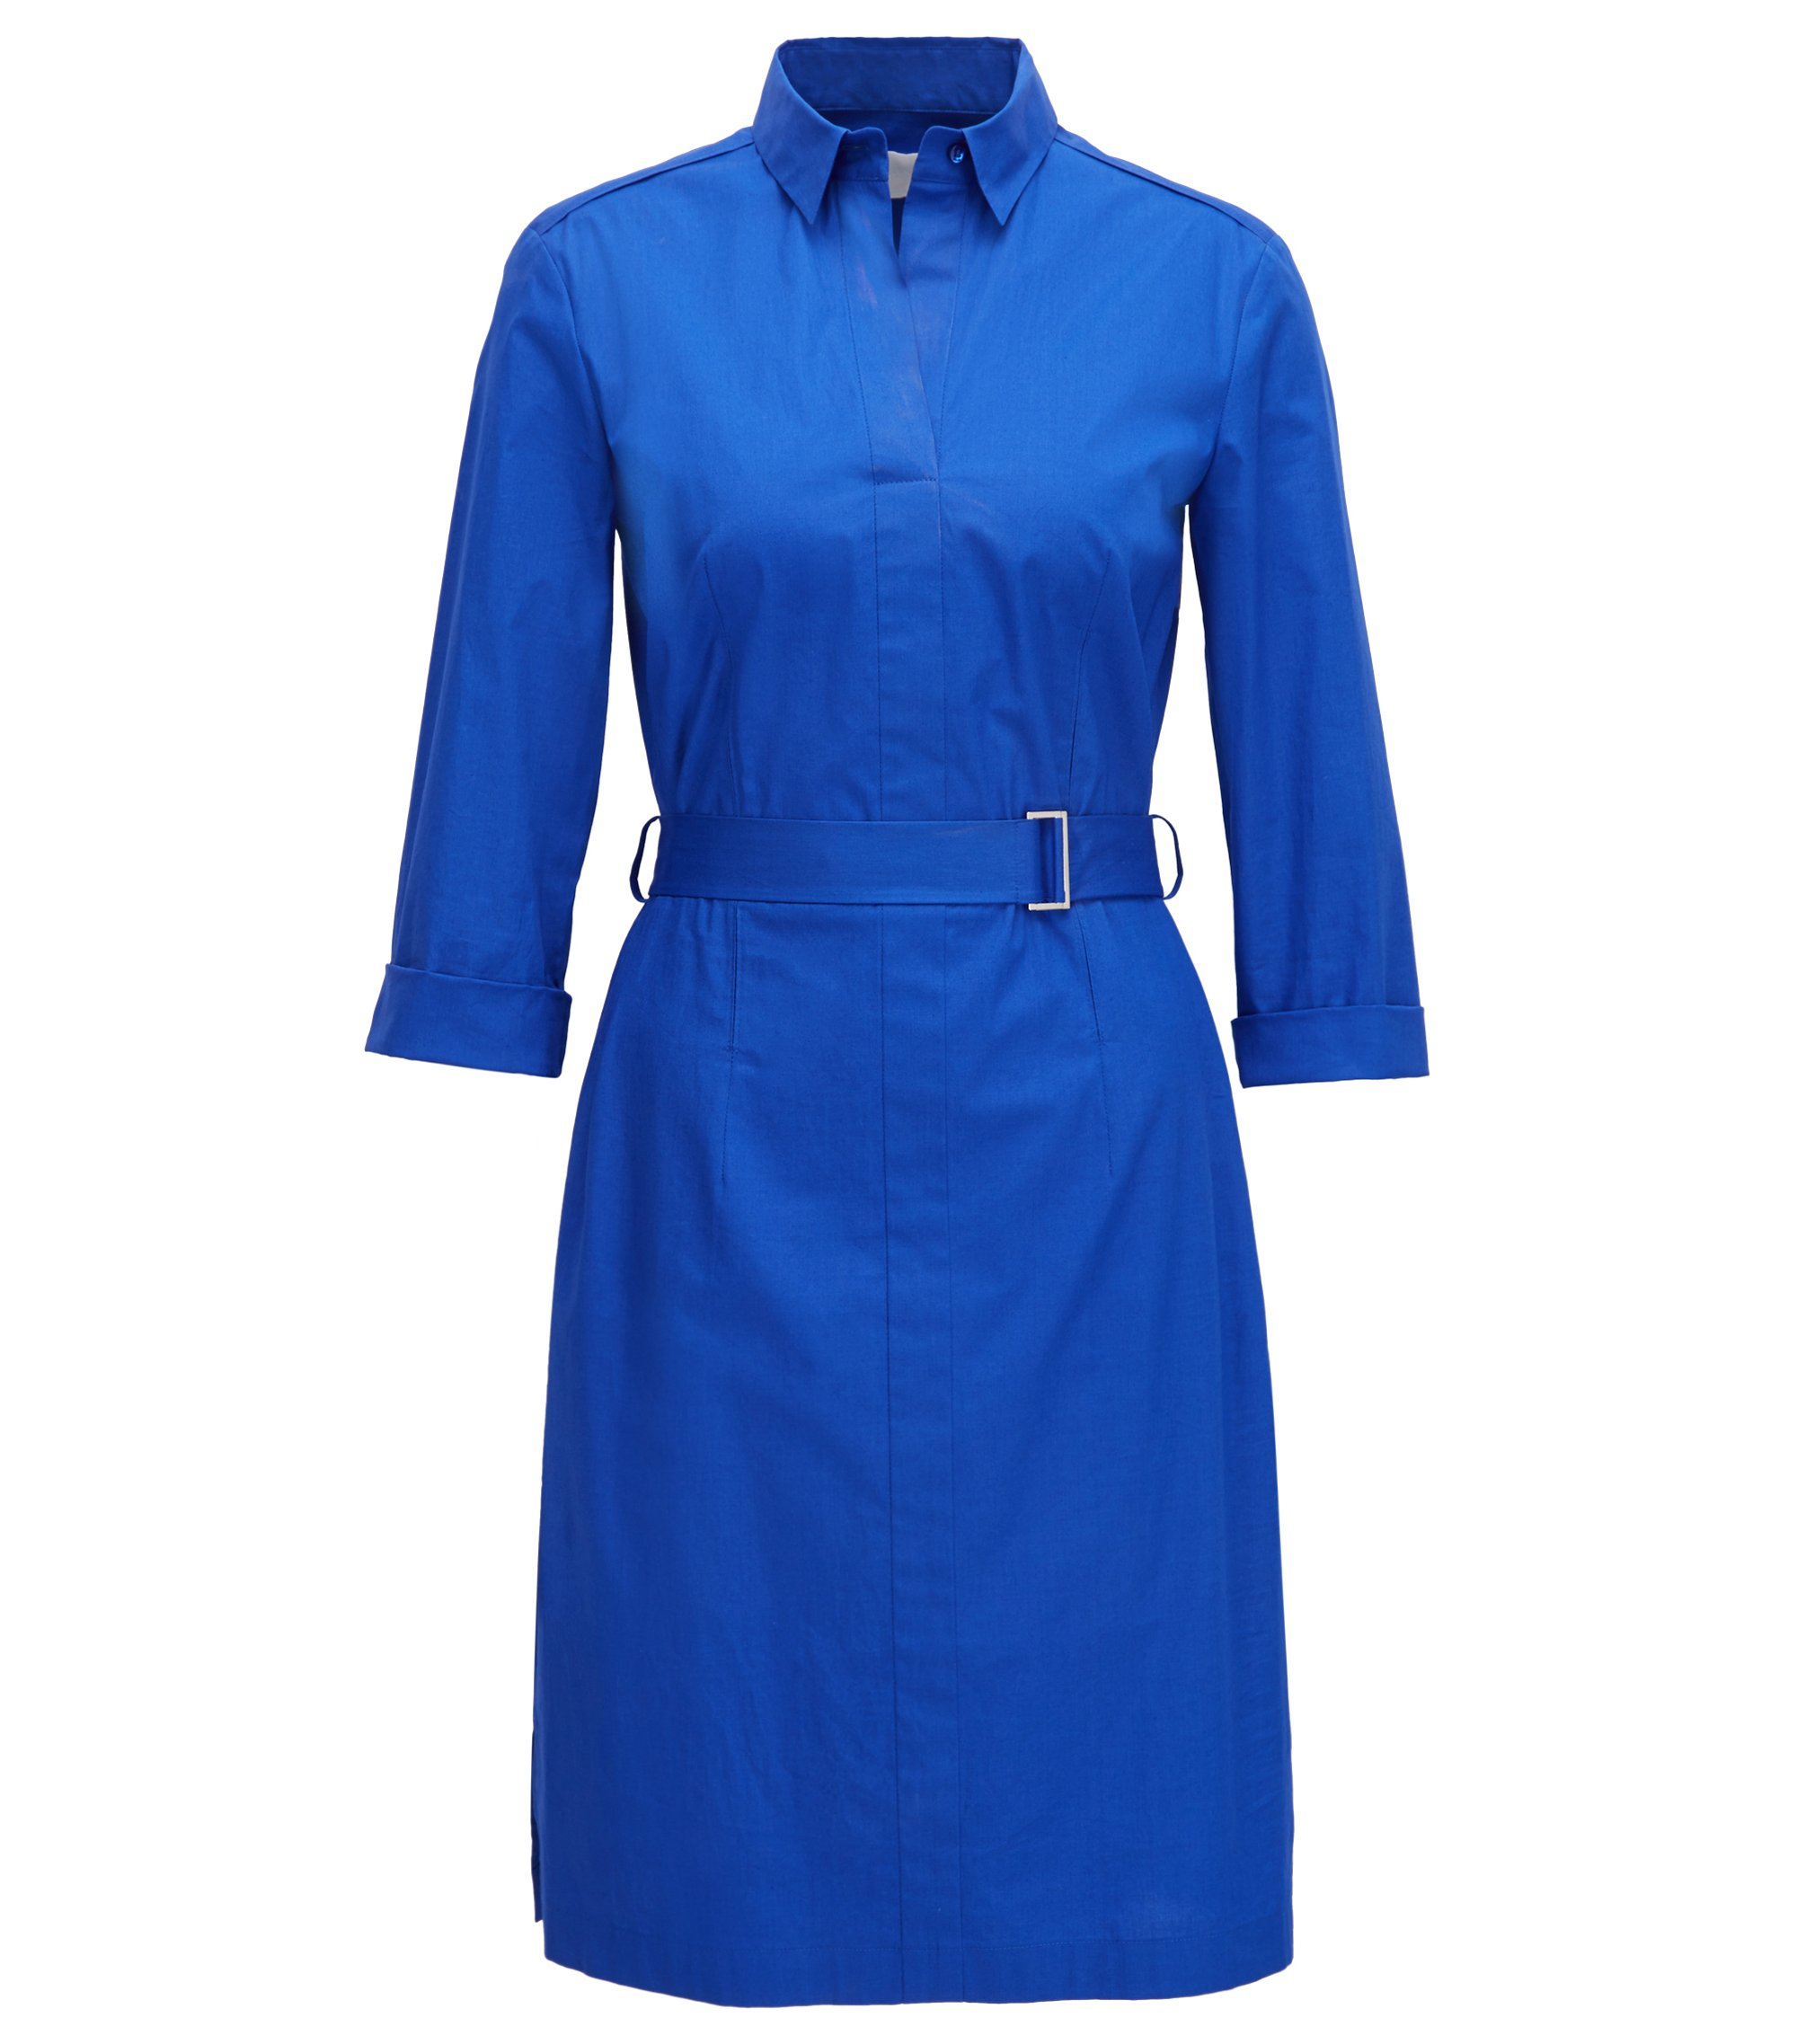 Chemisier con cintura in cotone elasticizzato, Blu